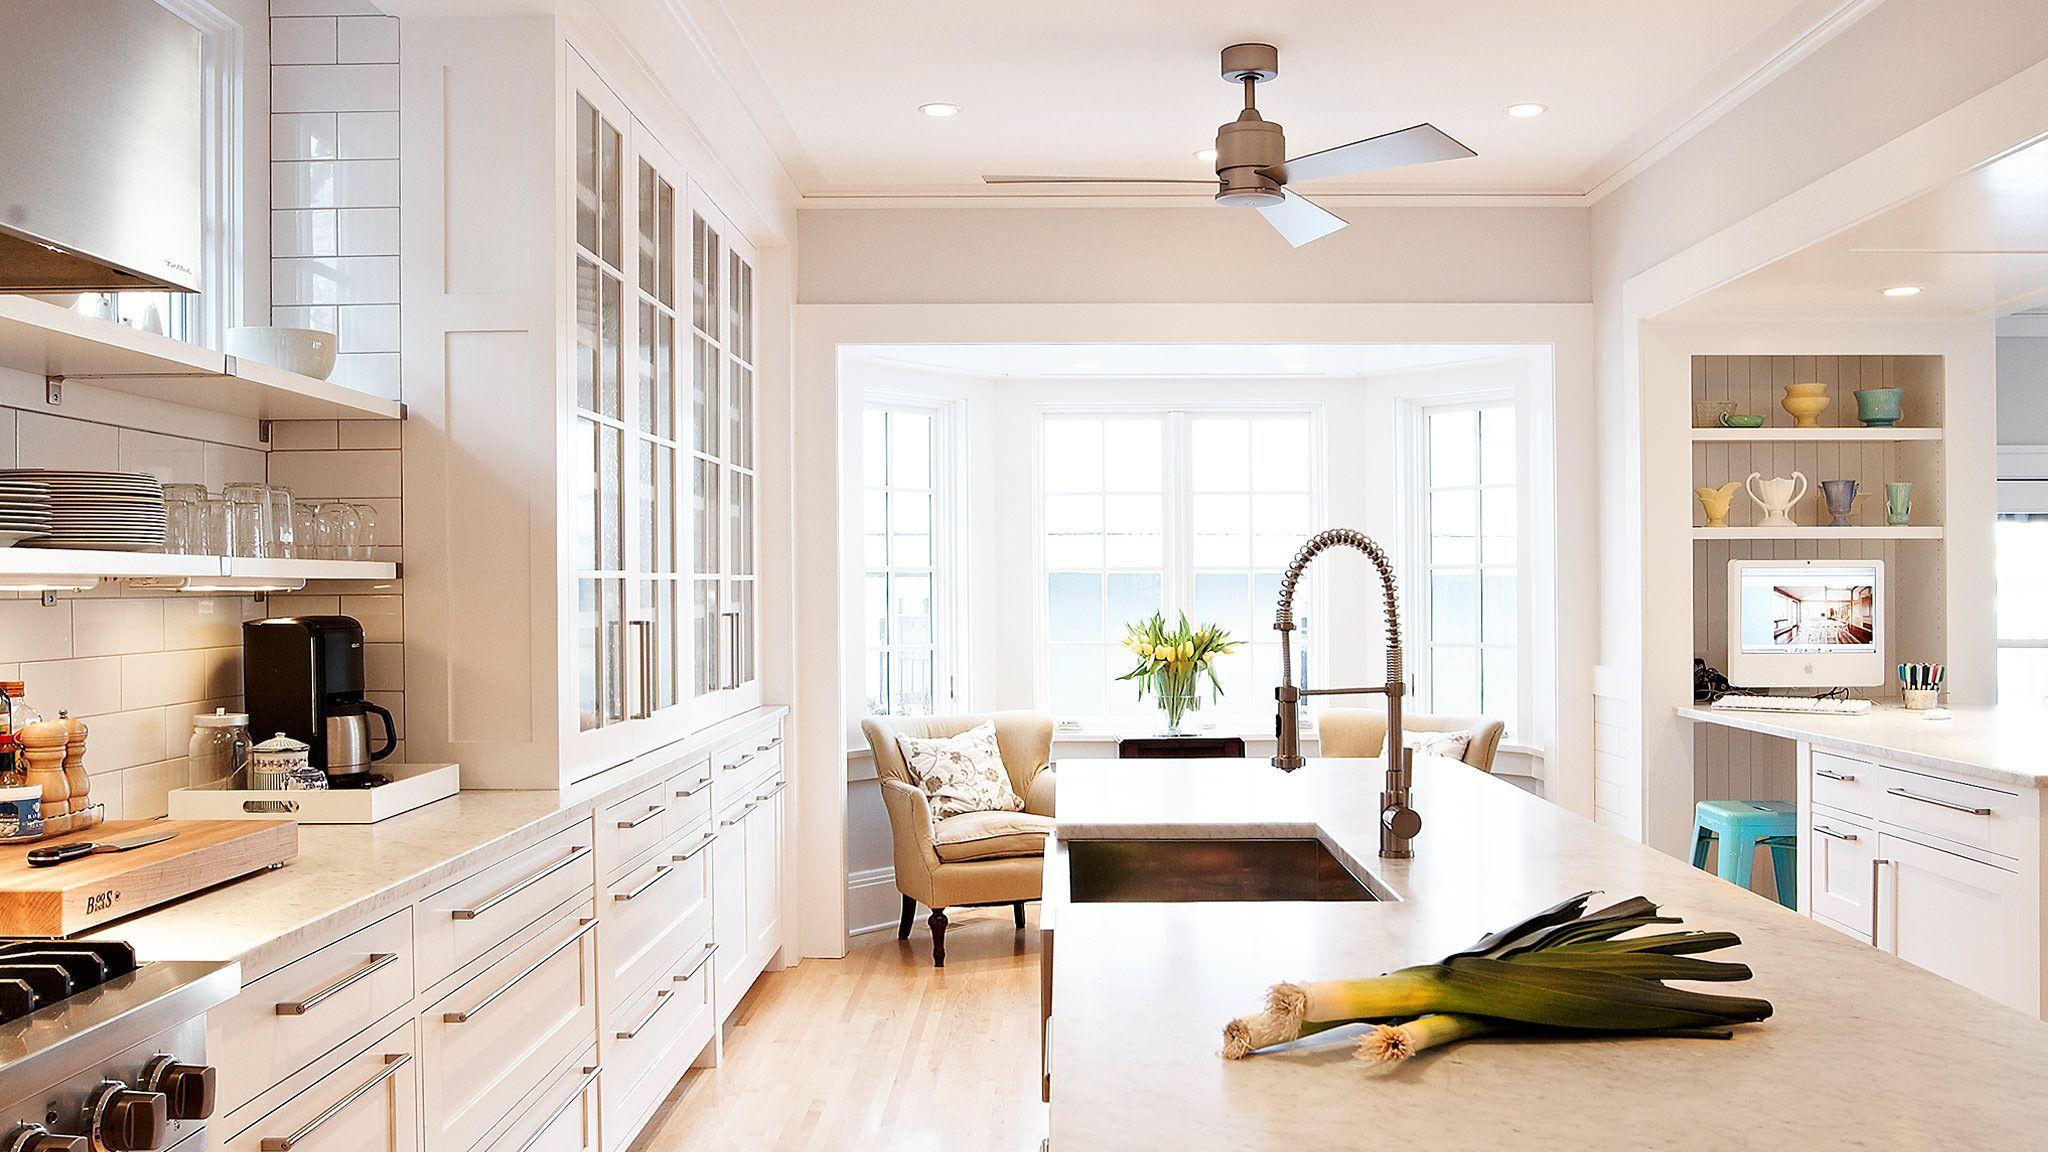 ... st. thomas remodeling kitchen toward sitting space ... PIGOEUN